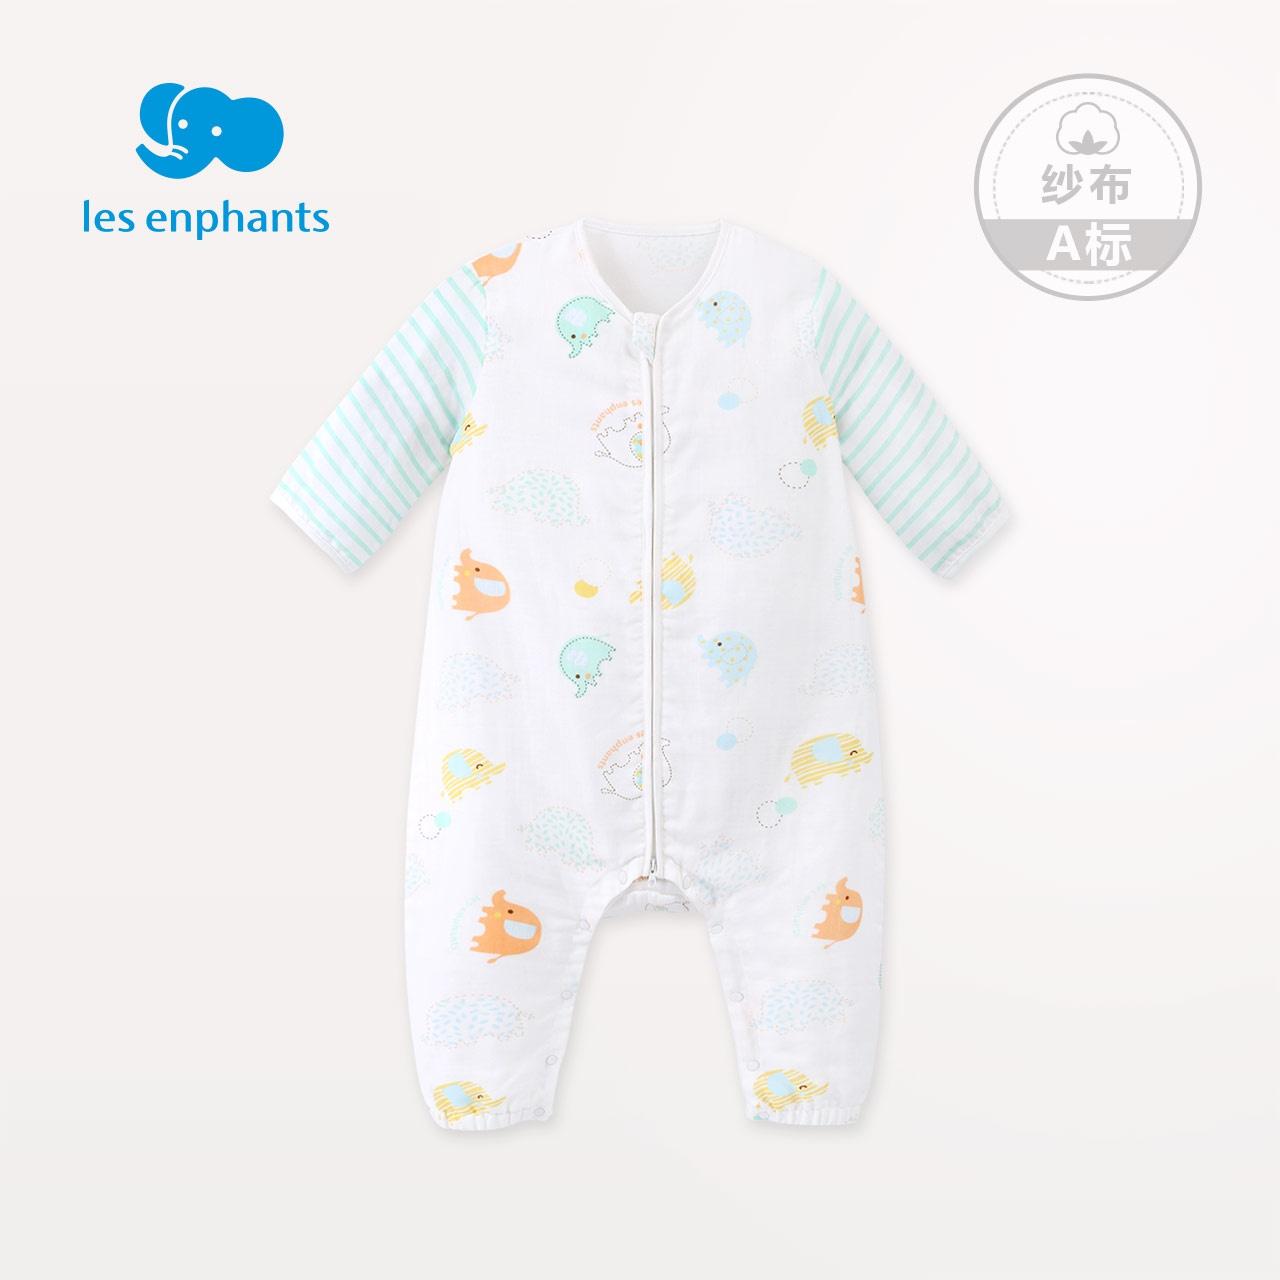 麗嬰房の寝具は男女の赤ちゃんガーゼが柔らかくて快適です。